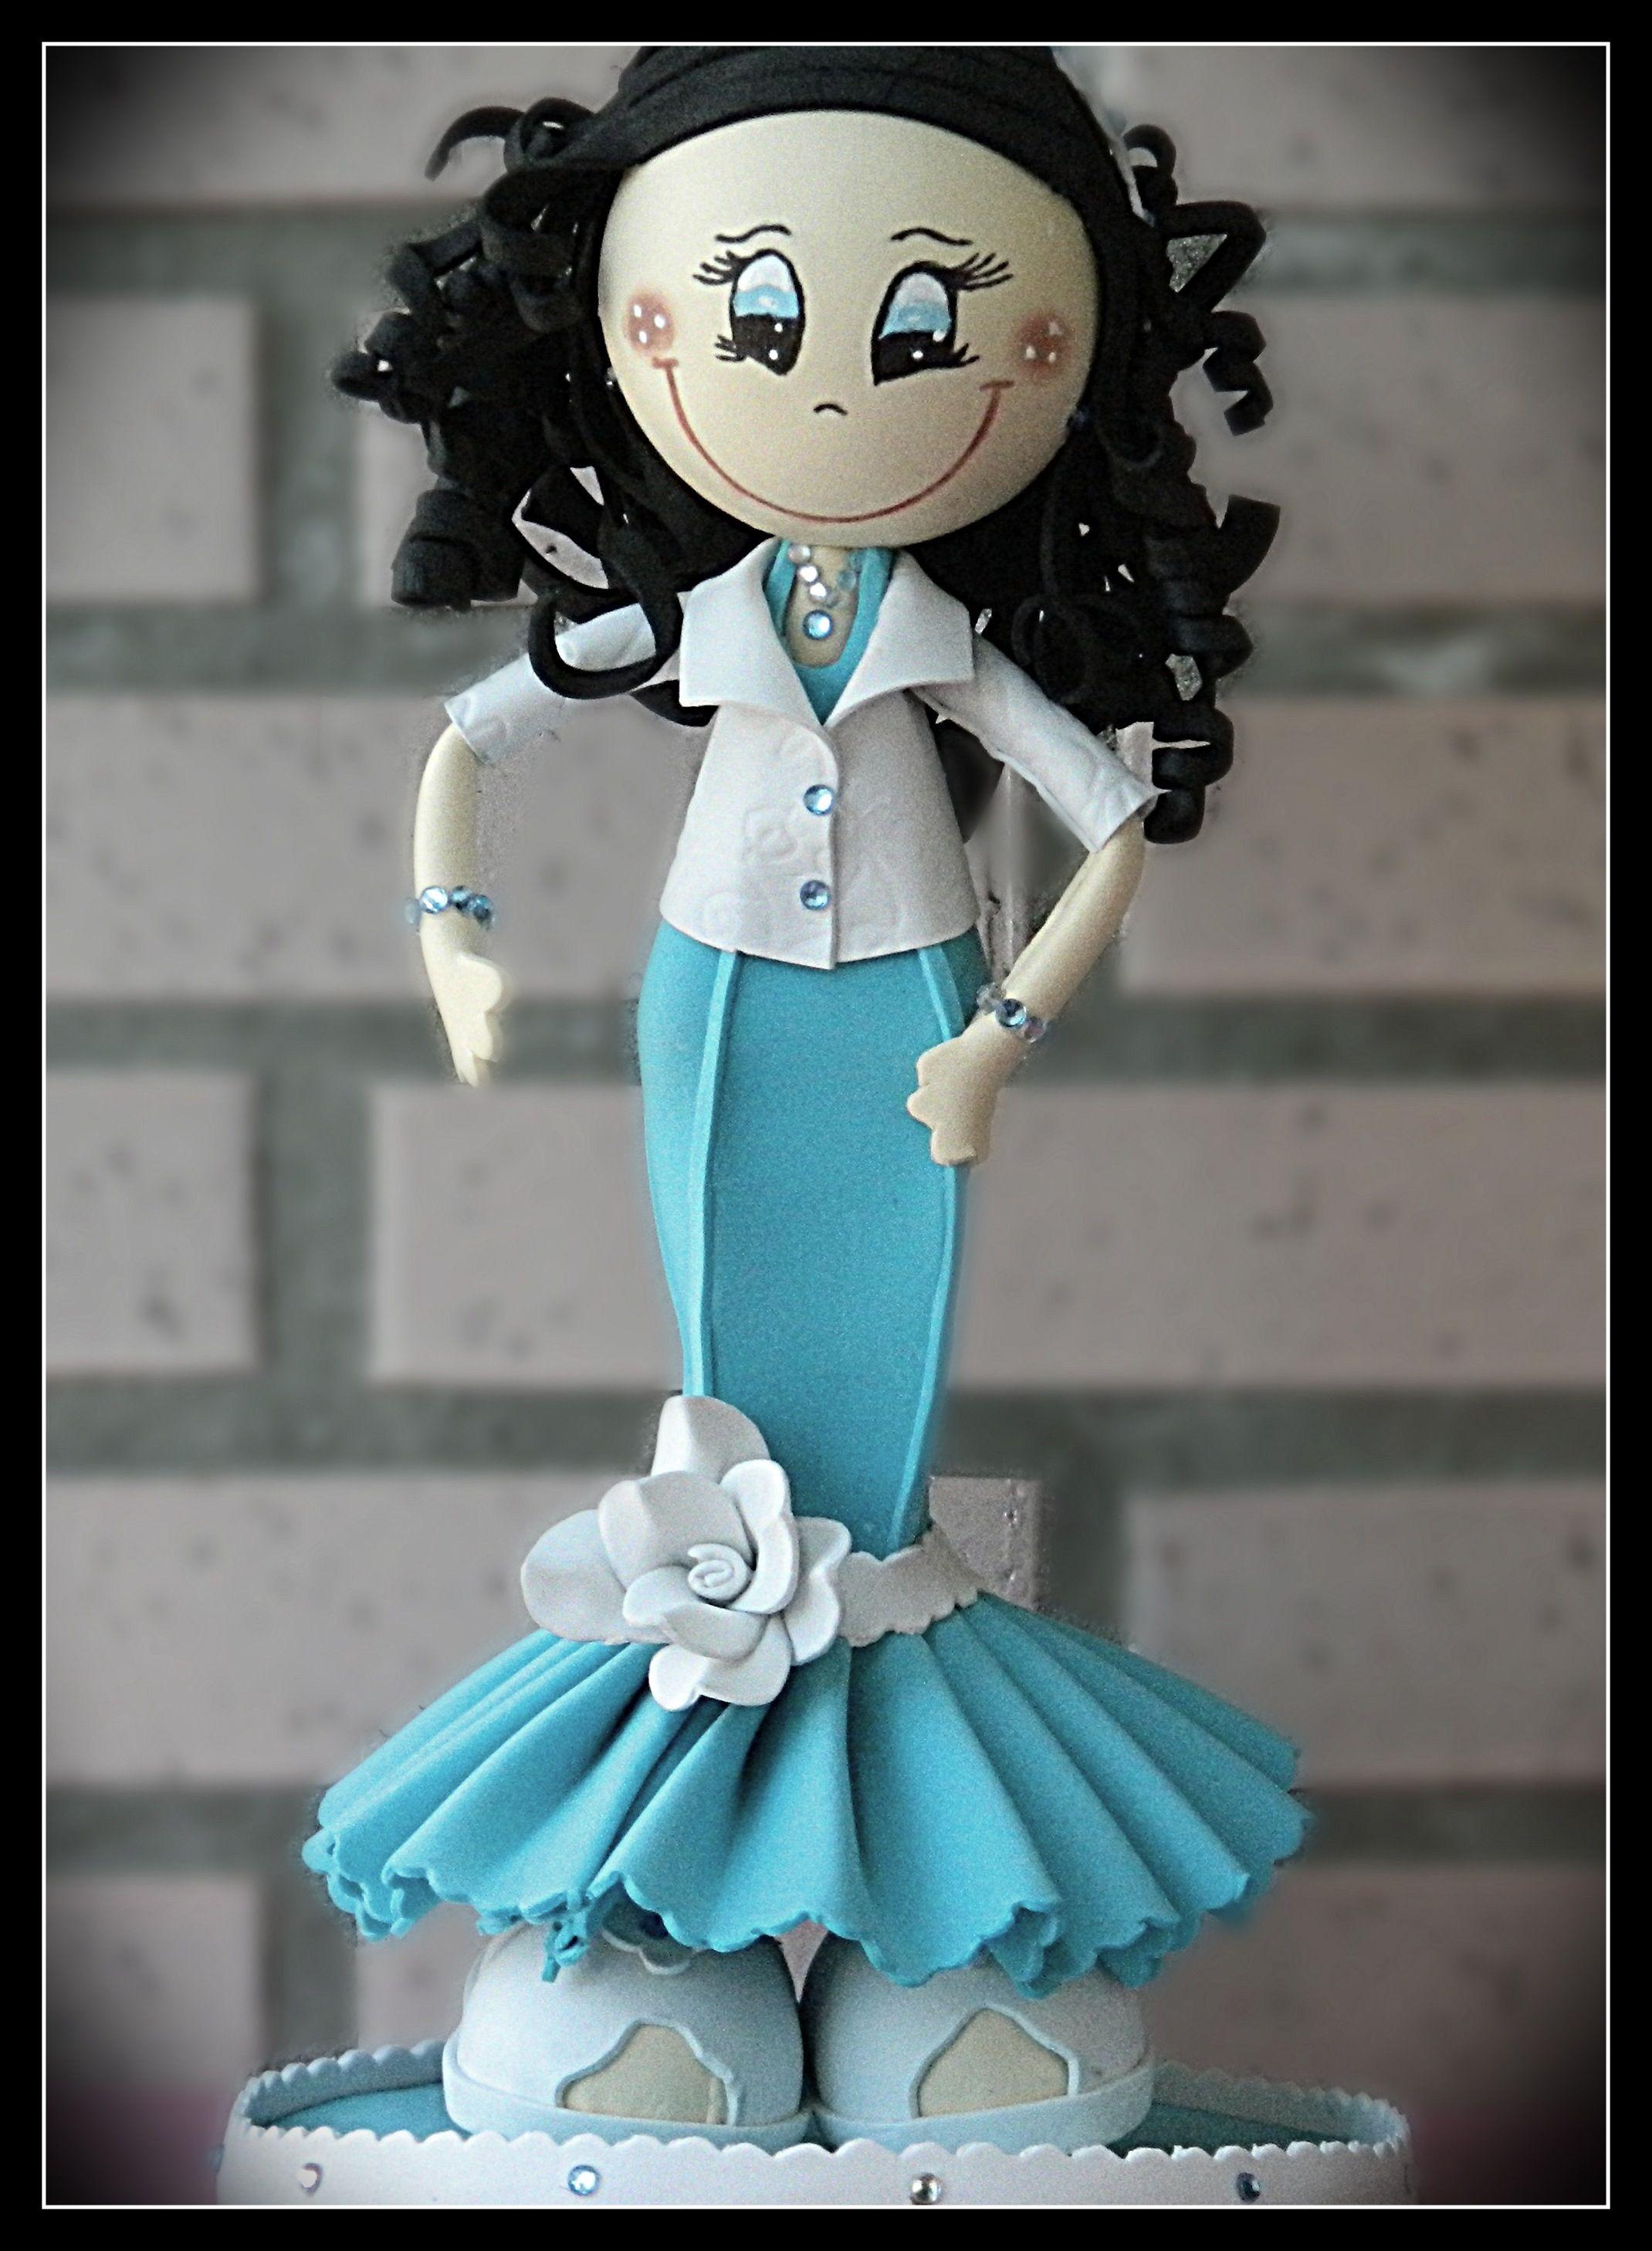 Mi fofucha elegante más en http://lascosucasdelaconchi.blogspot.com.es/